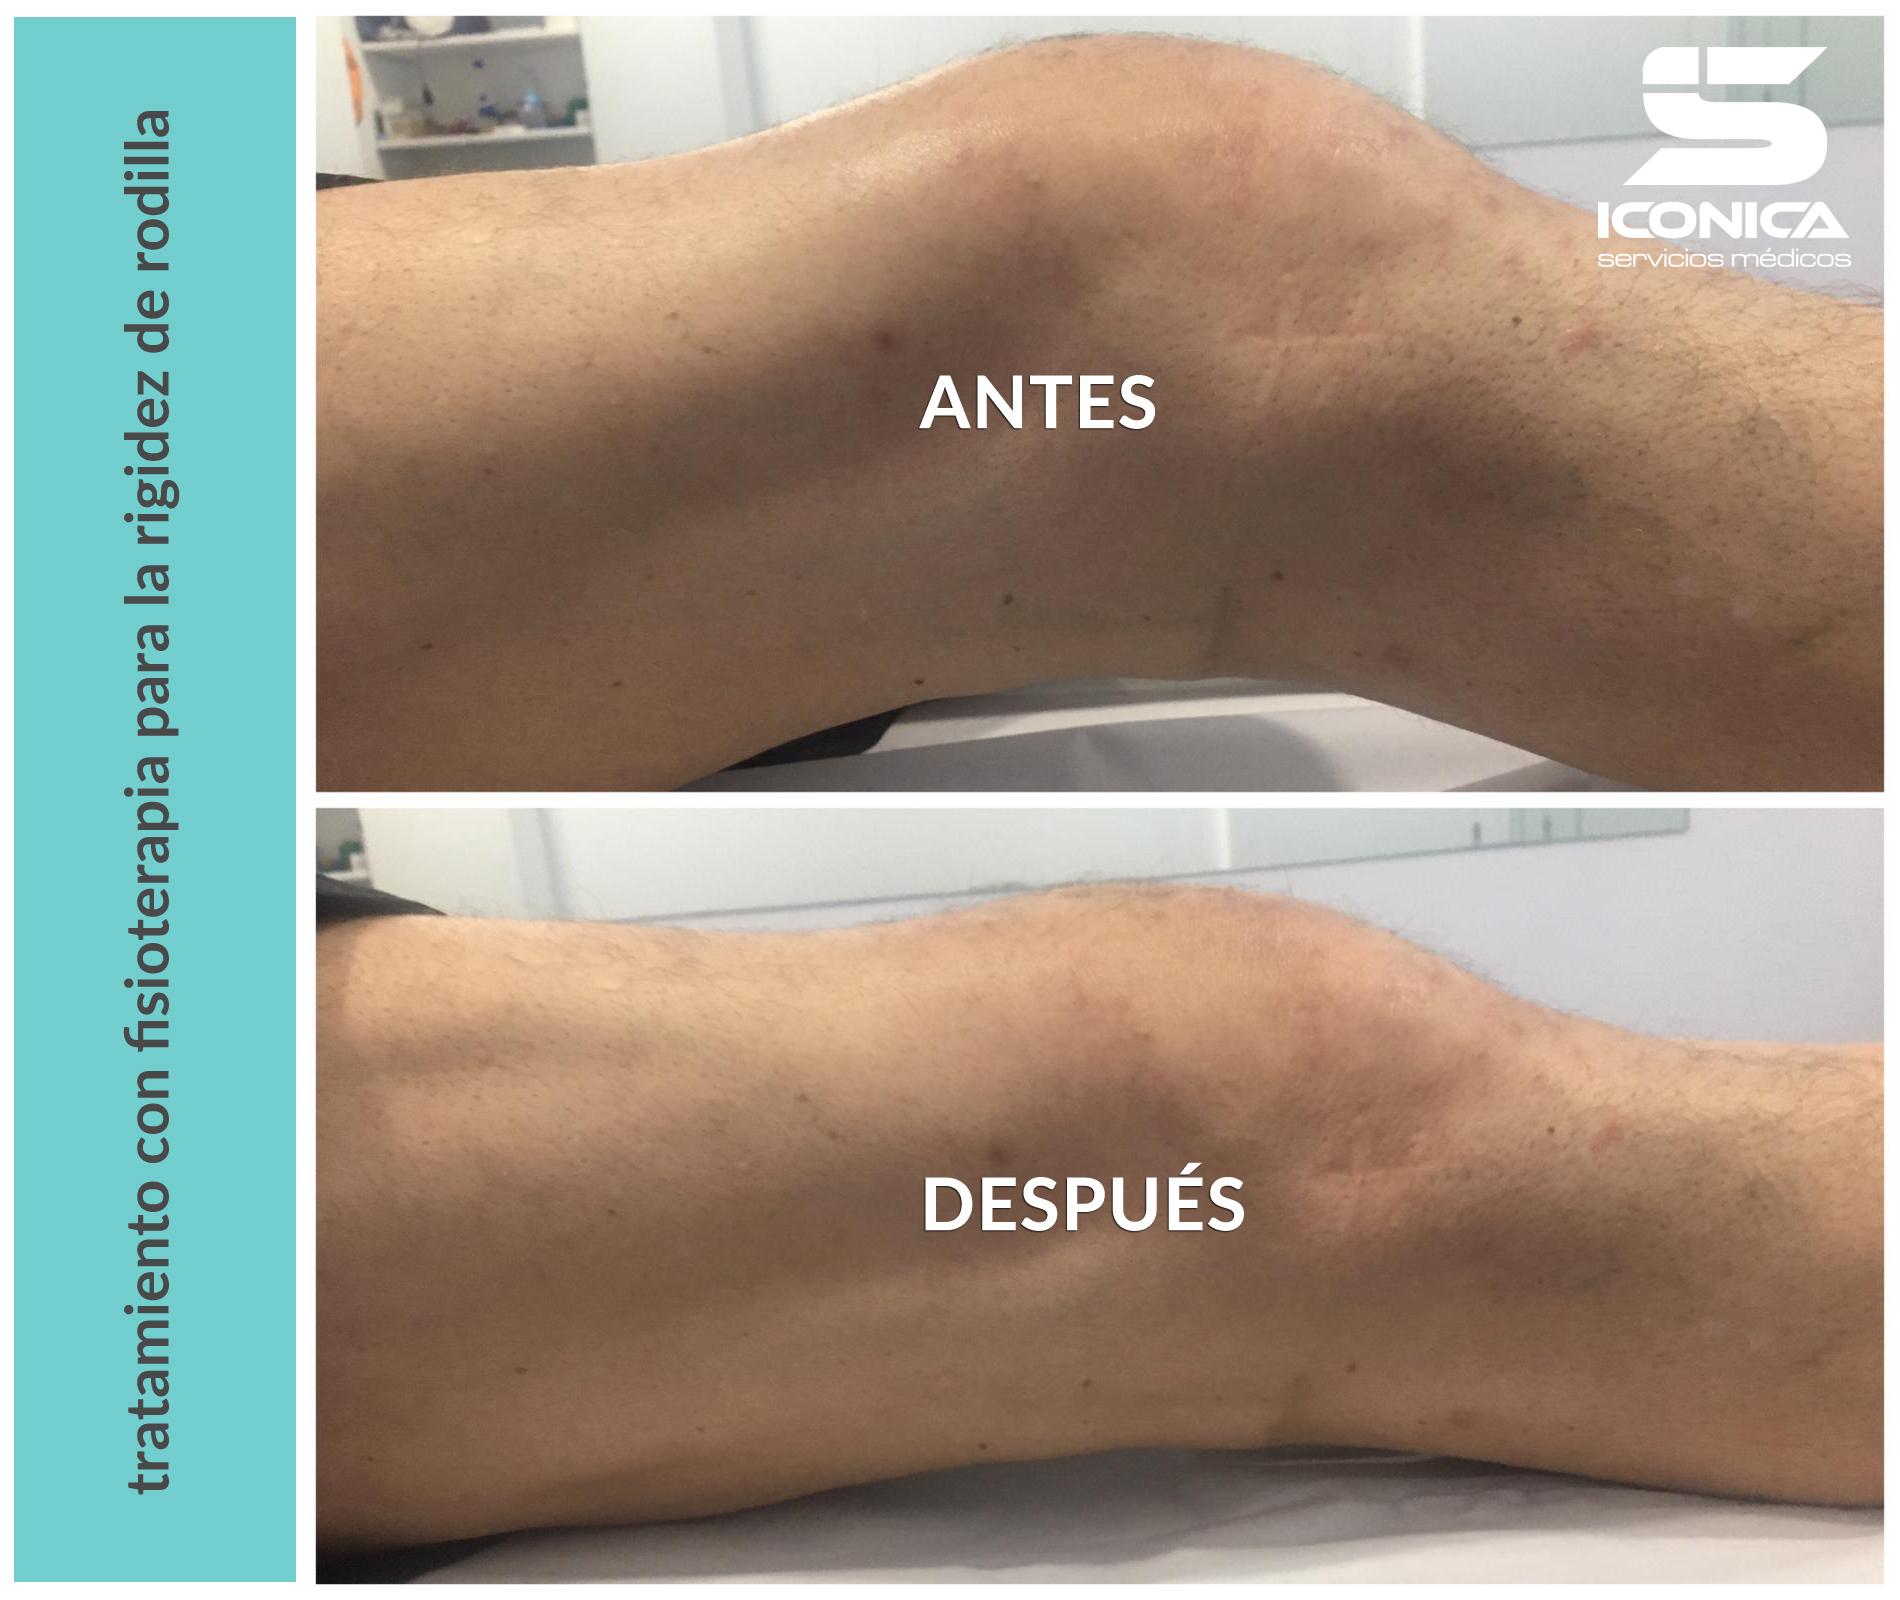 tratamiento-de-la-rigidez-de-rodilla-con-fisioterapia